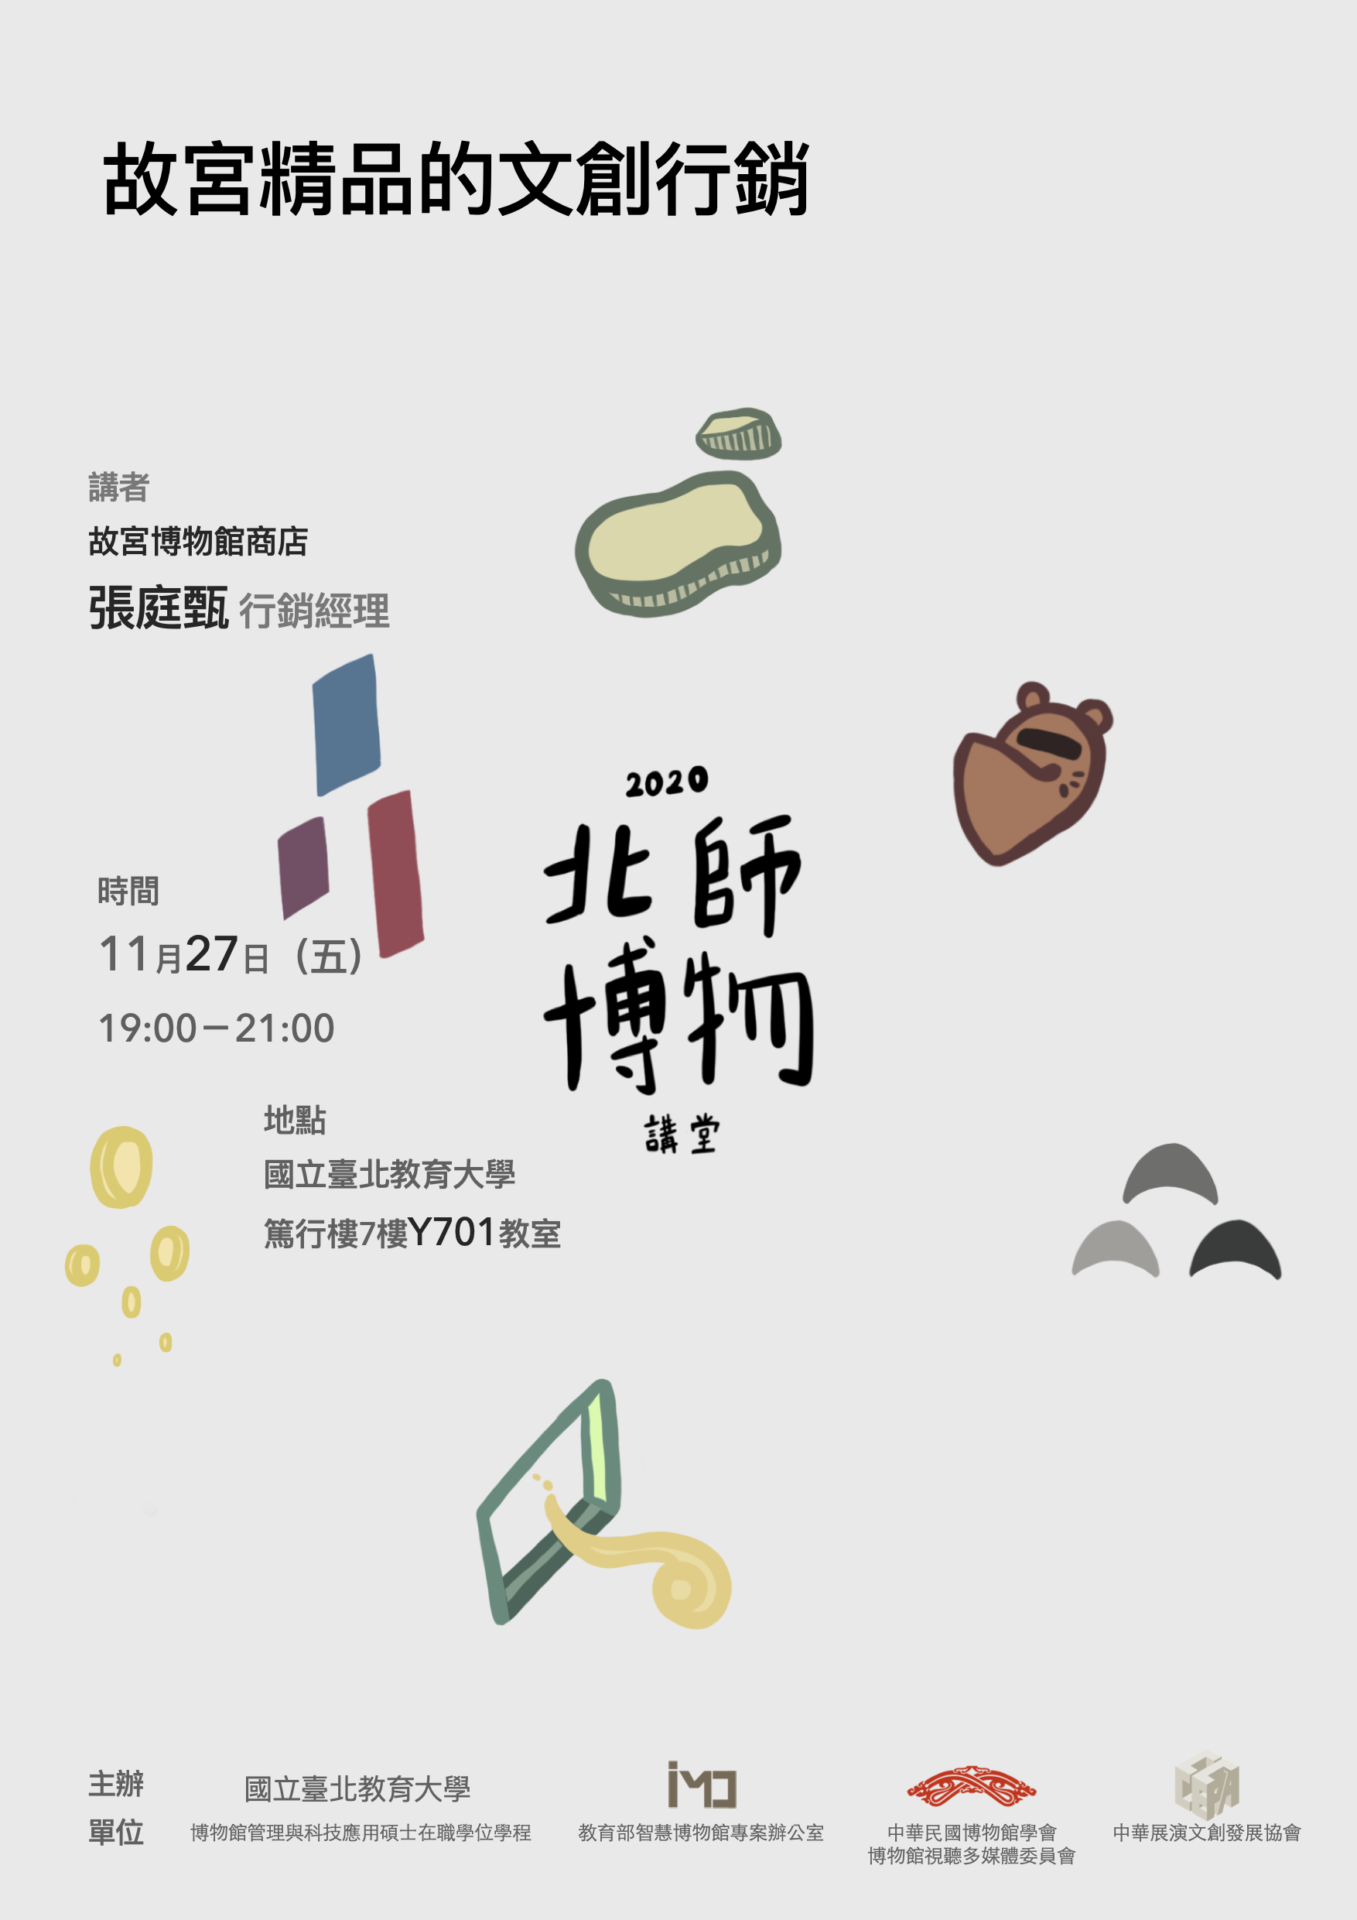 中華民國博物館學會:2020/11/27【2020北師博物講堂-故宮精品的文創行銷 】